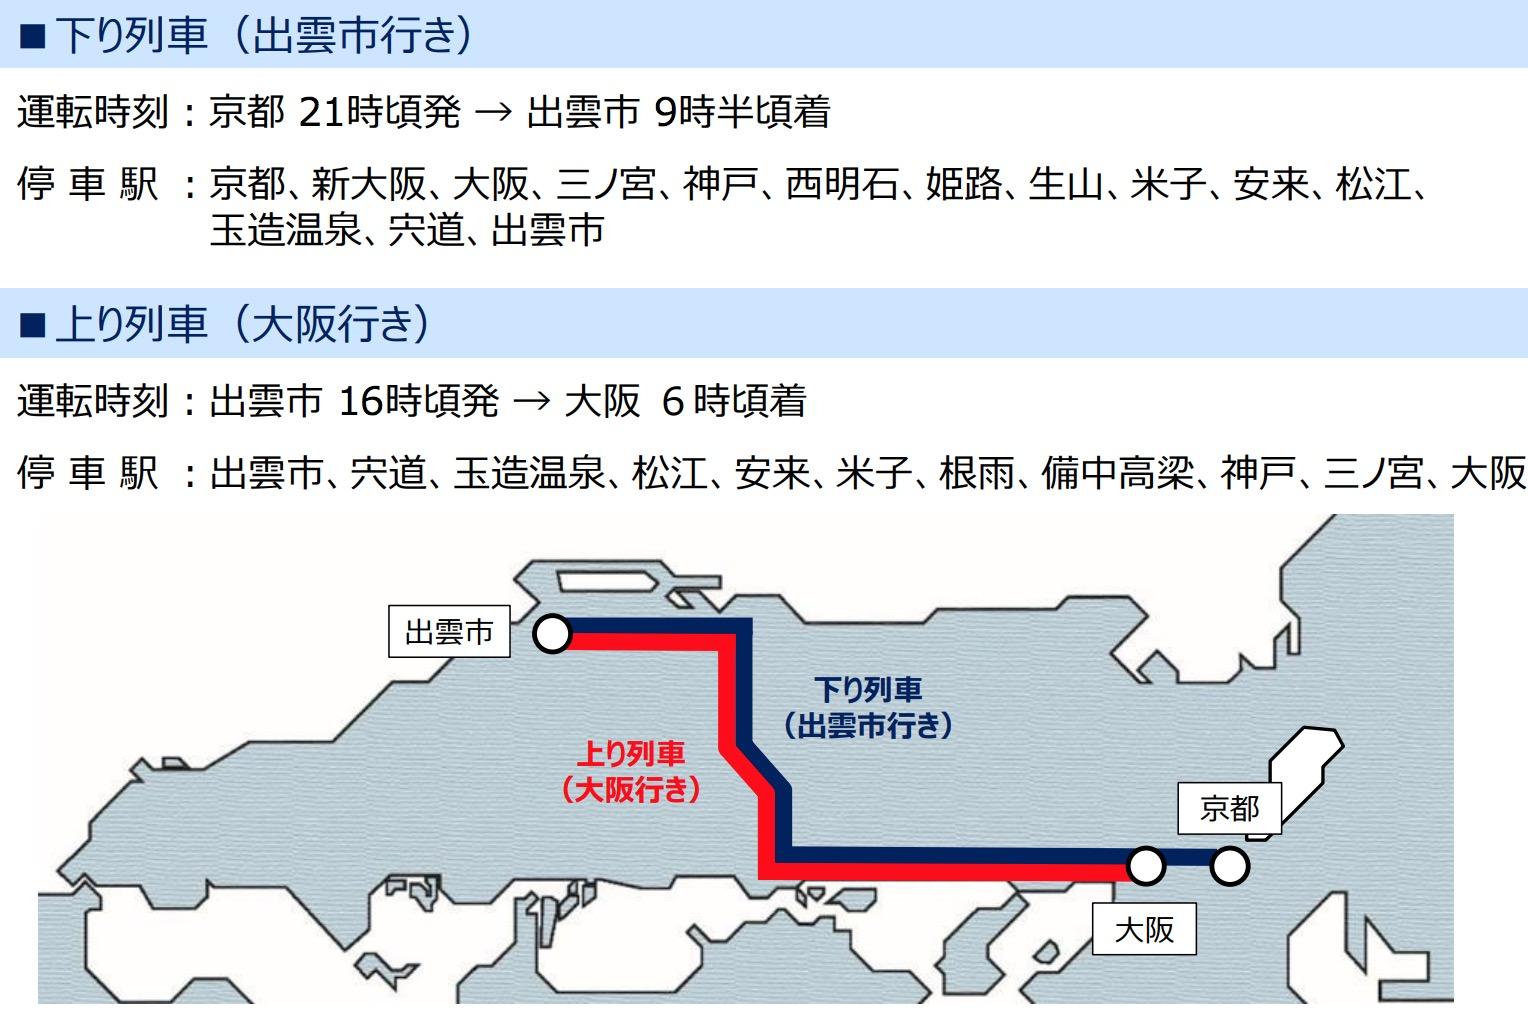 9月に運行スタート新型特急west express 銀河|2020年から京都・大阪-島根間に新たなアクセス誕生!